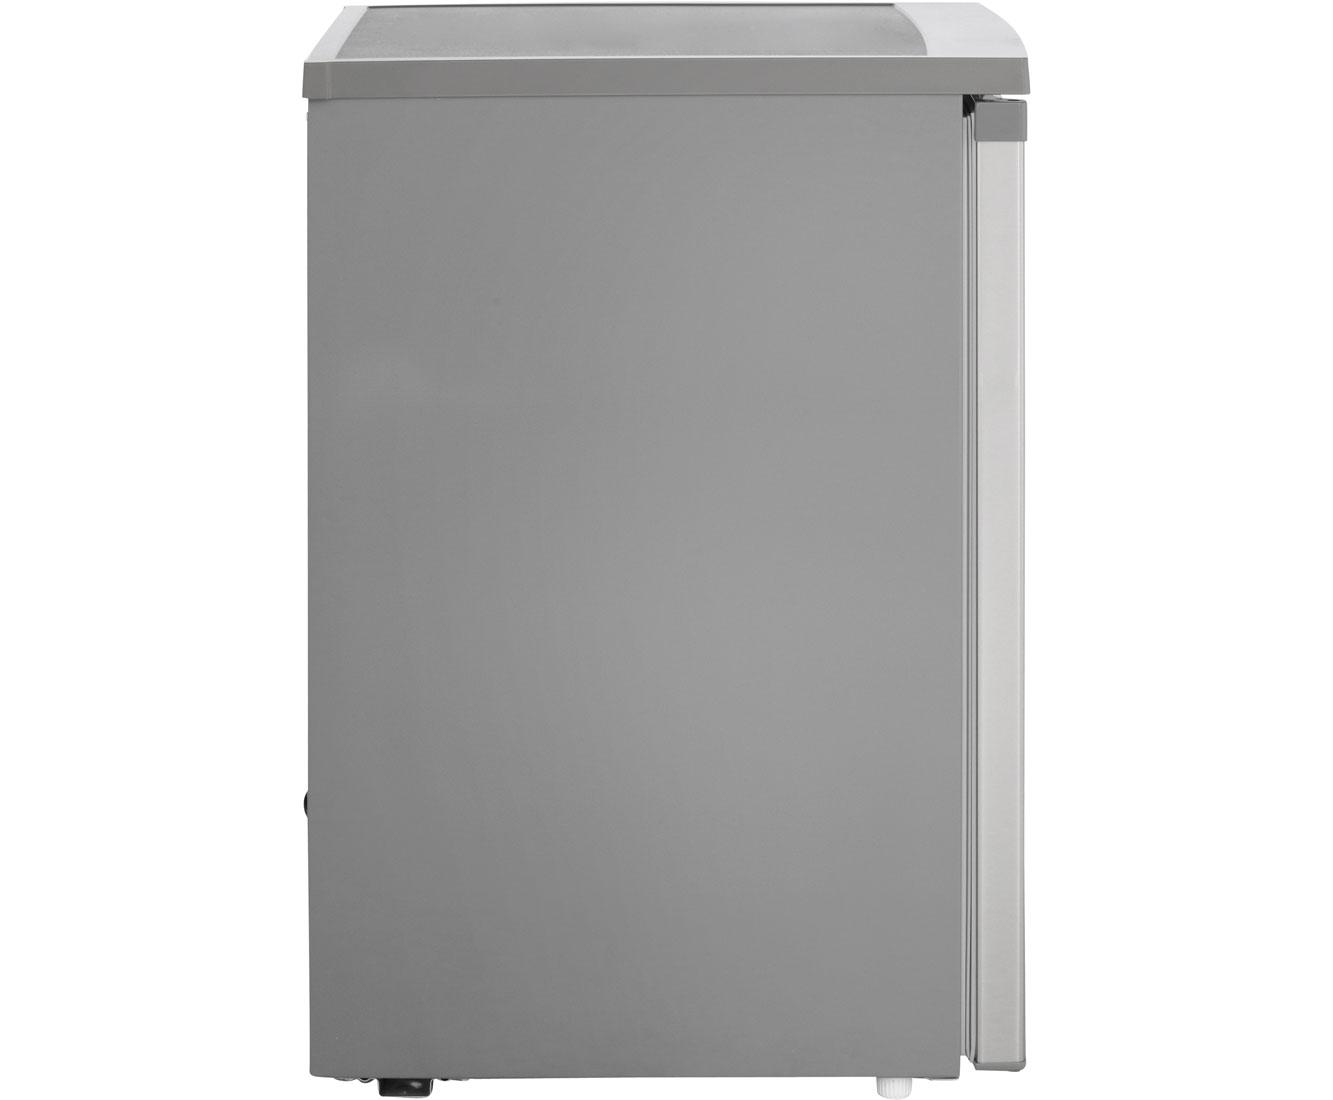 Bomann Kühlschrank Mit Gefrierfach Ks 2194 : Bomann vs kühlschrank weiß a